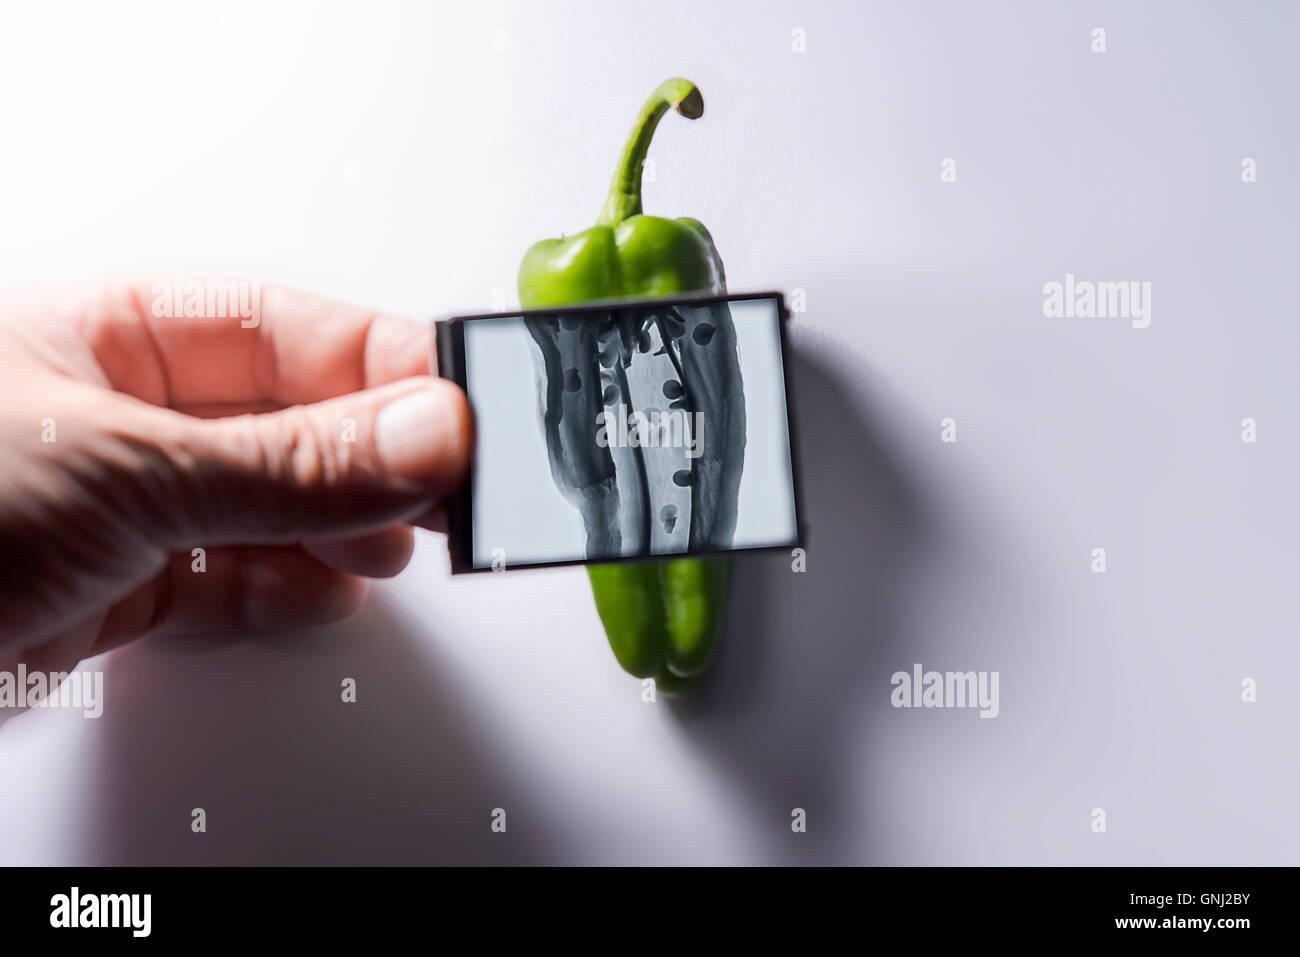 Hand holding x-ray image en face de poivron vert Photo Stock